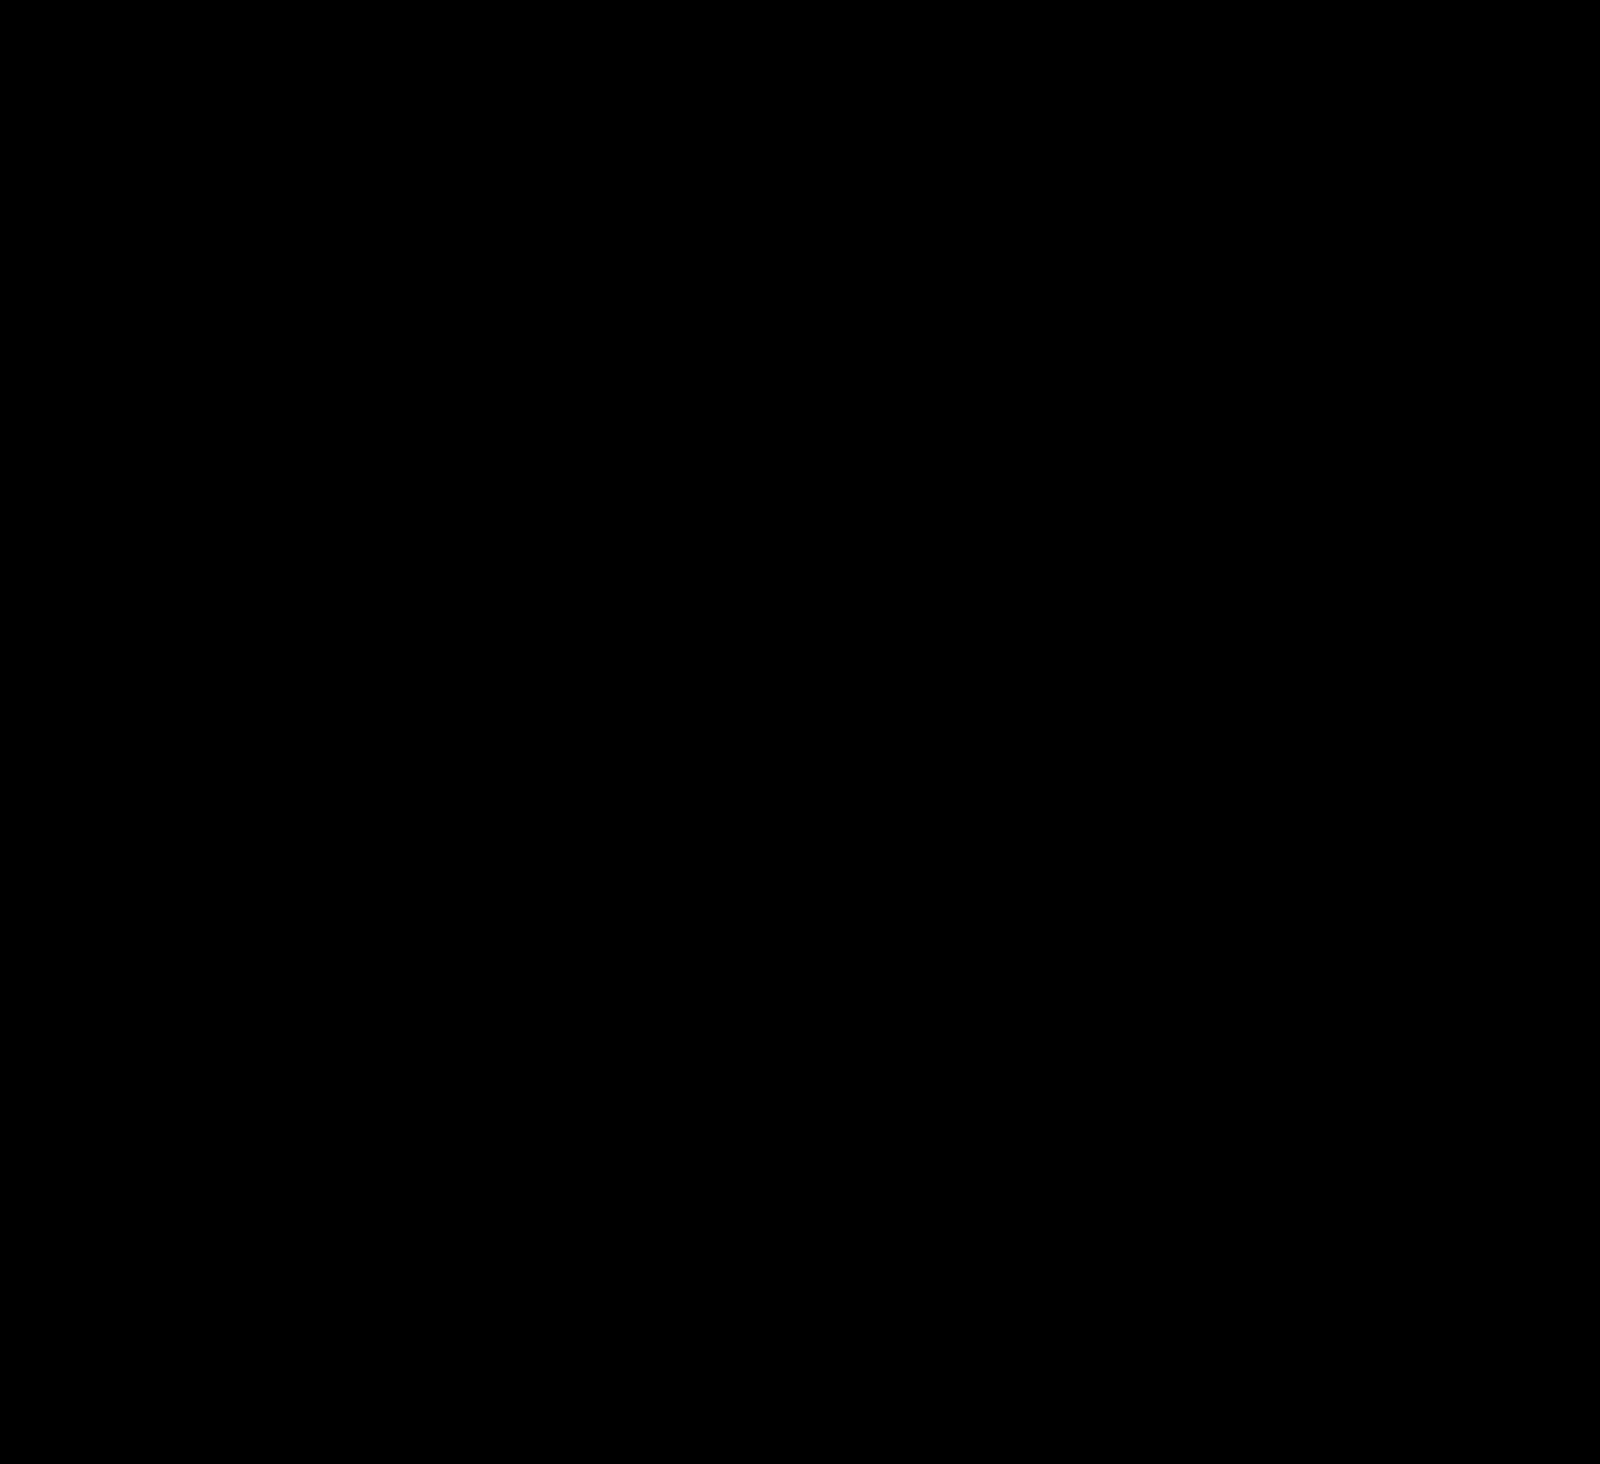 Bildpräsentation in der Schleswig-Holsteinischen Landesbibliothek